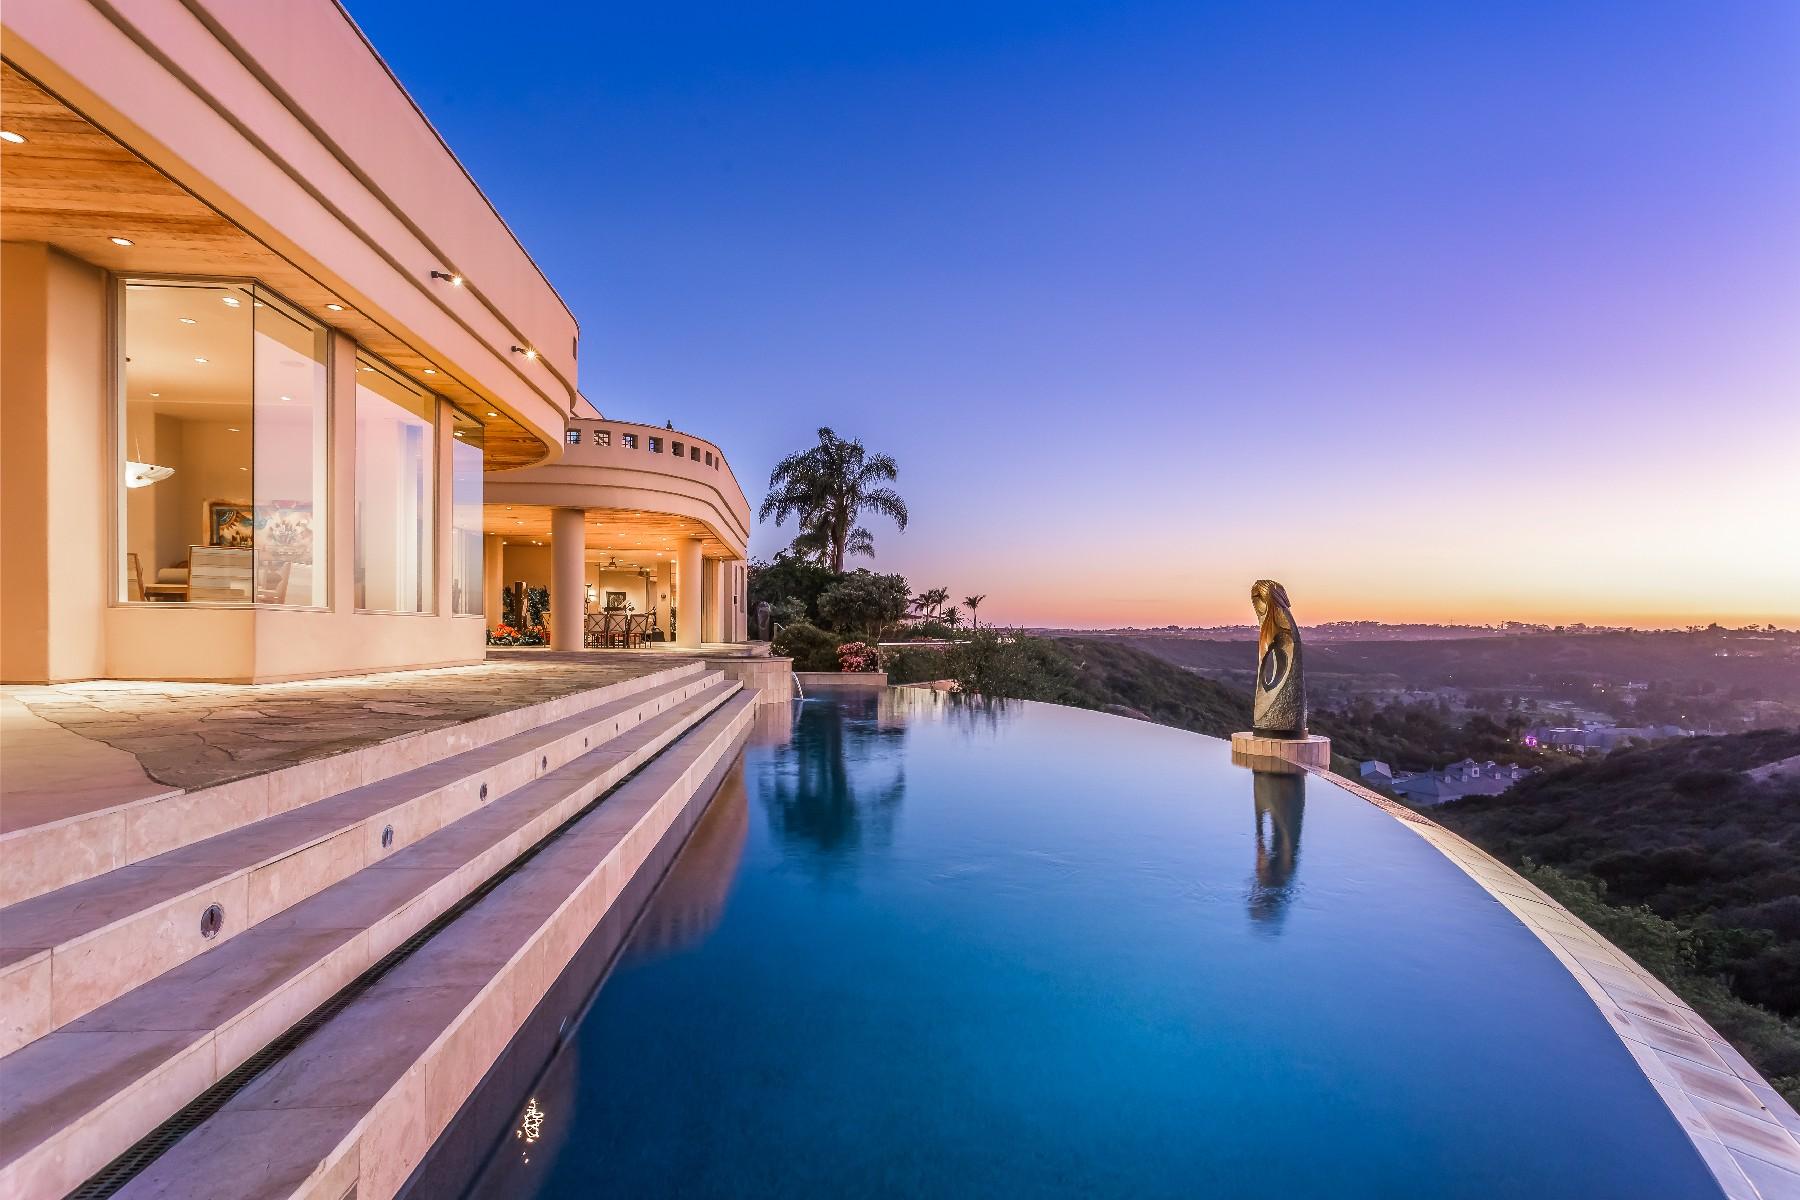 Villa per Vendita alle ore 14630 Calle Diegueno Rancho Santa Fe, California, 92067 Stati Uniti